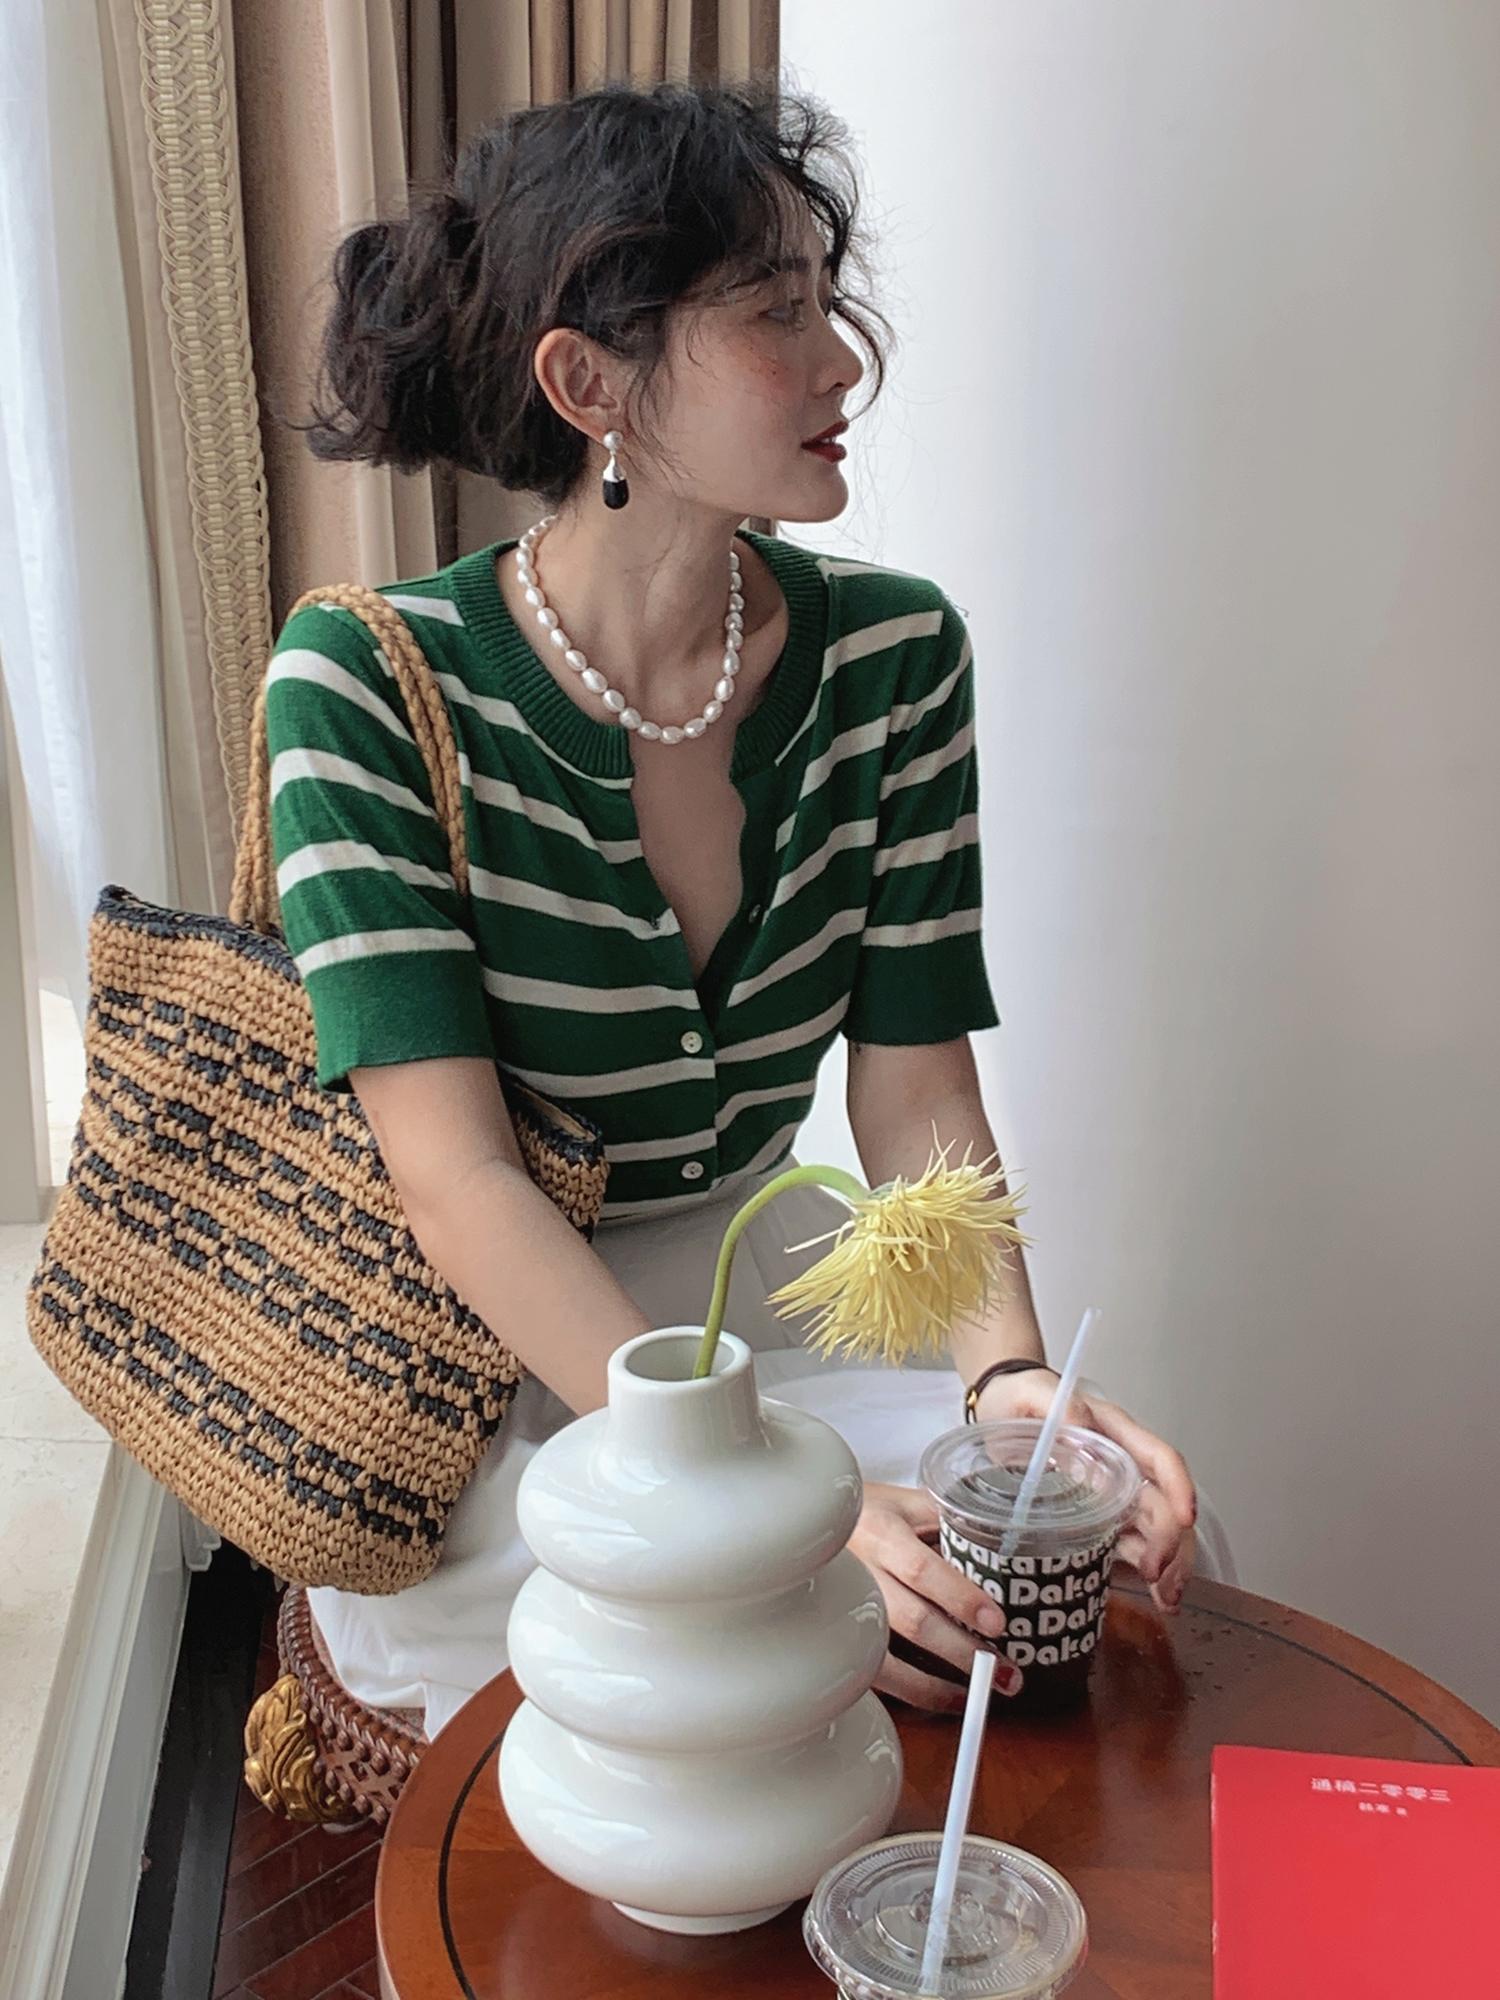 伊芙丽针织衫 条纹短袖针织开衫外套女夏季薄款法式复古修文伊芙丽墨_推荐淘宝好看的伊芙丽针织衫